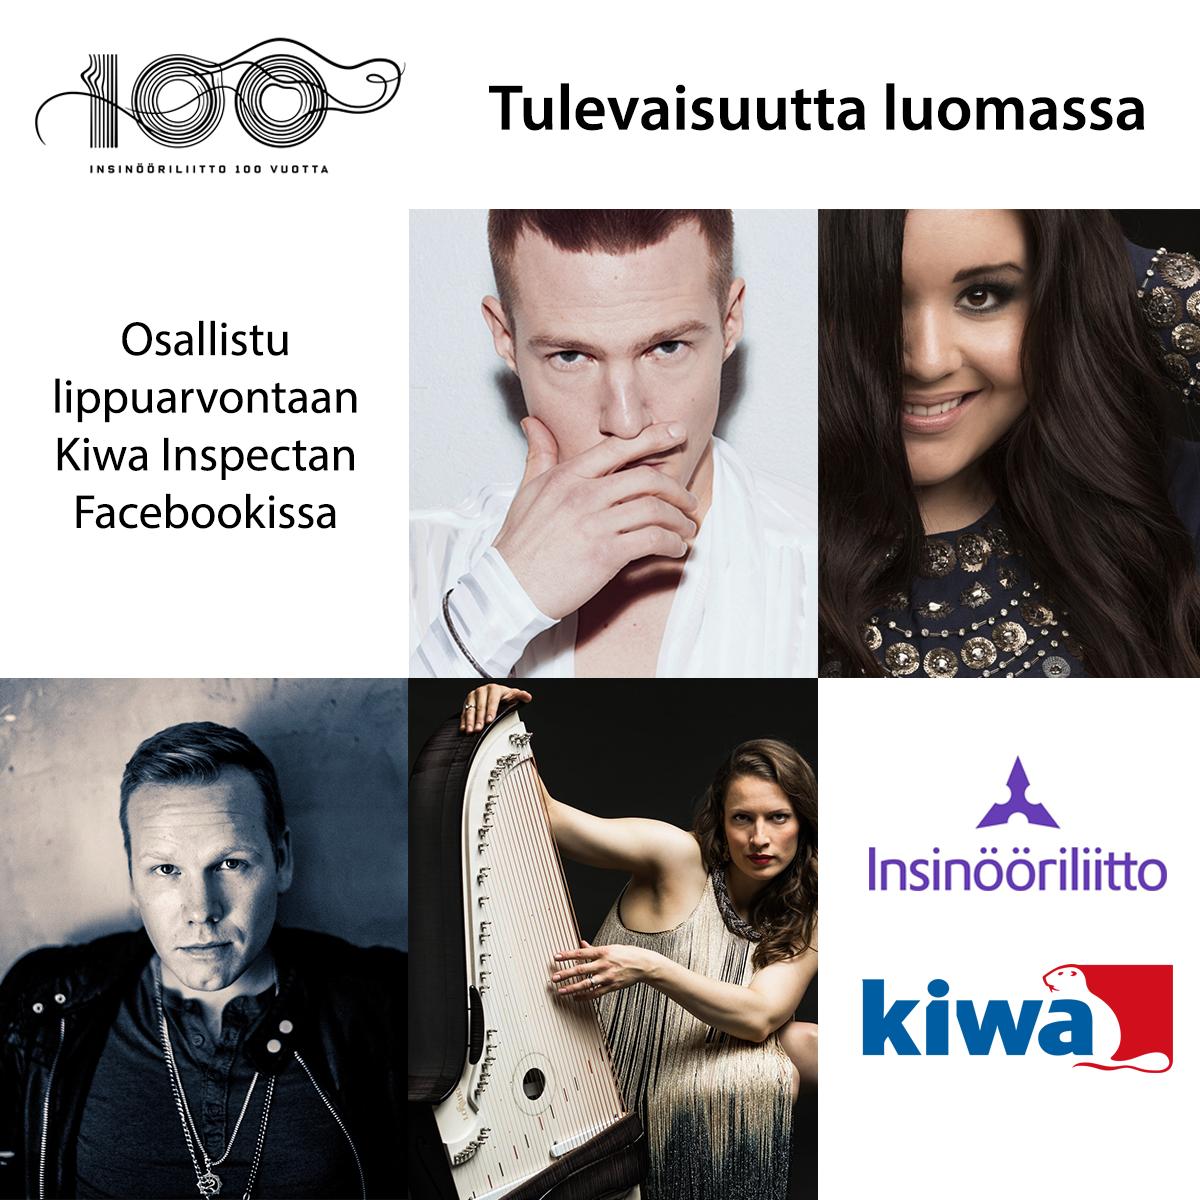 Konserttikiertueella esiintyvät Olavi Uusivirta, Diandra, Ida Elina ja Osmo Ikonen.